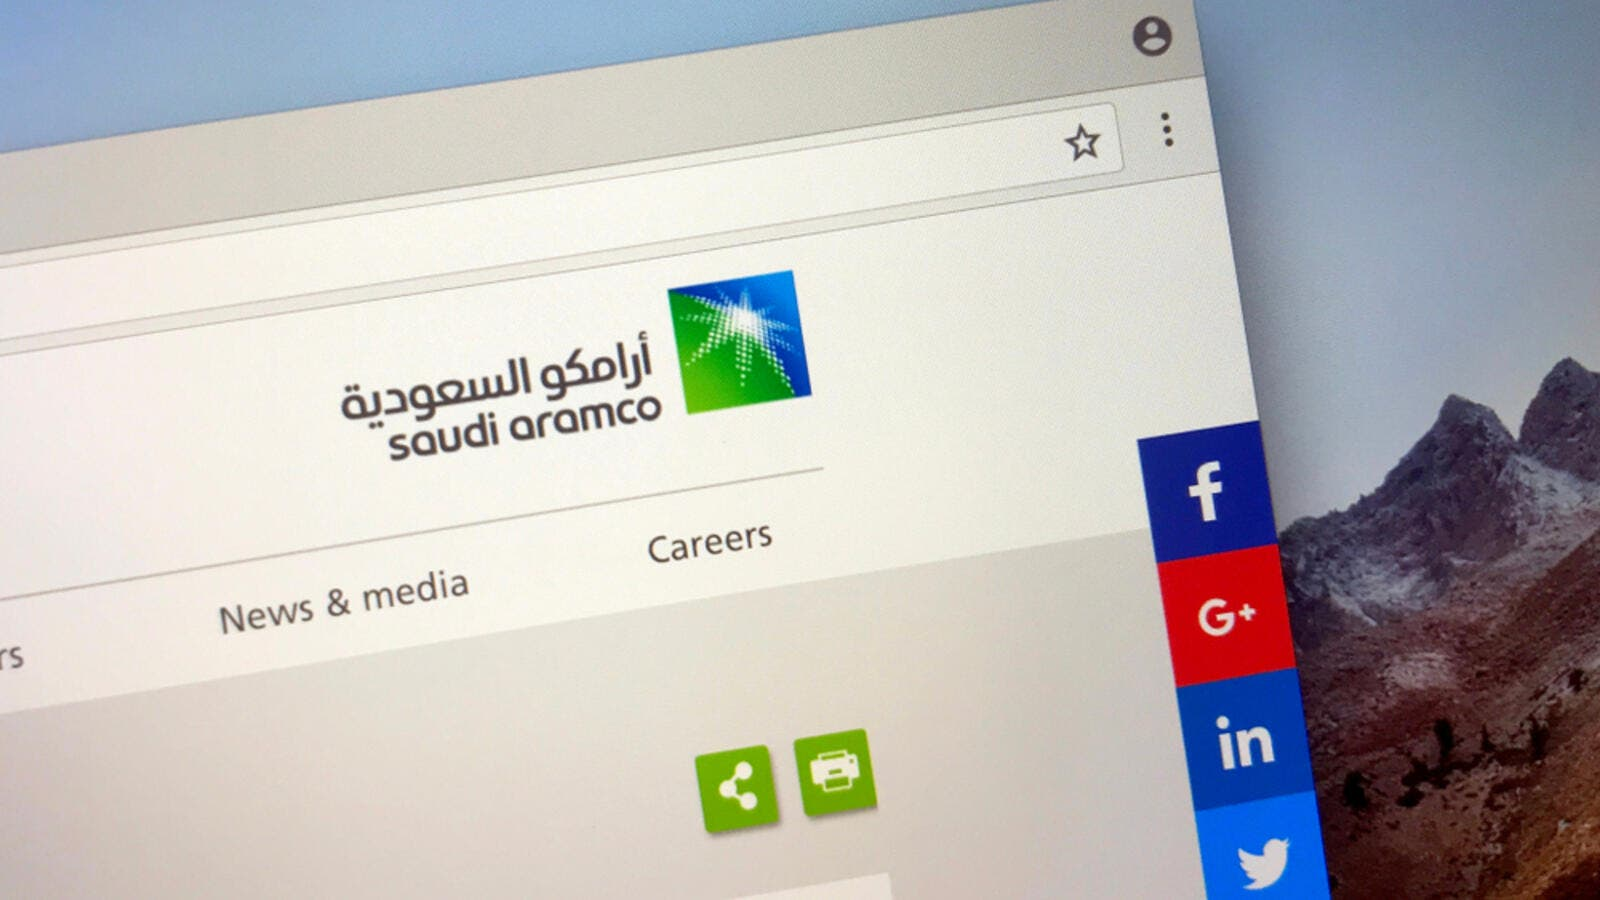 Saudi Aramco Blog: سعر سهم ارامكو المتوقع بعد التداول